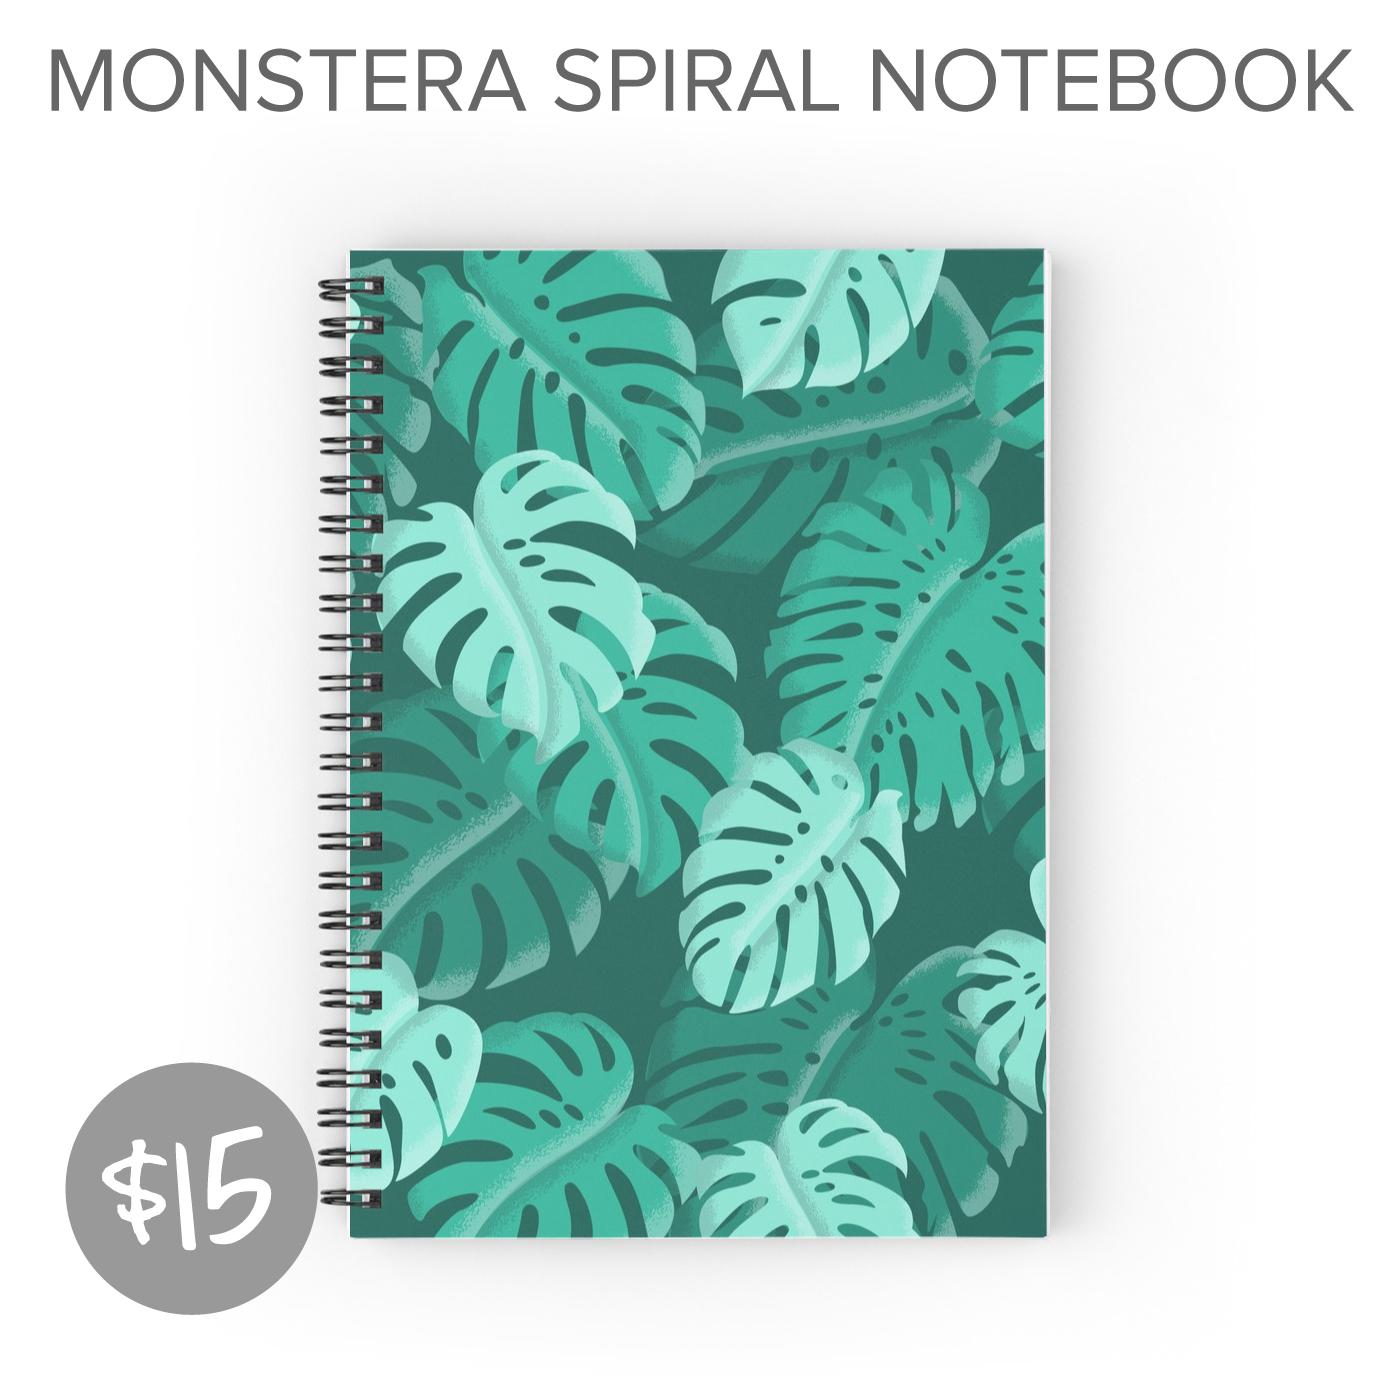 MONSTERA-SPIRAL-NOTEBOOK-2.jpg